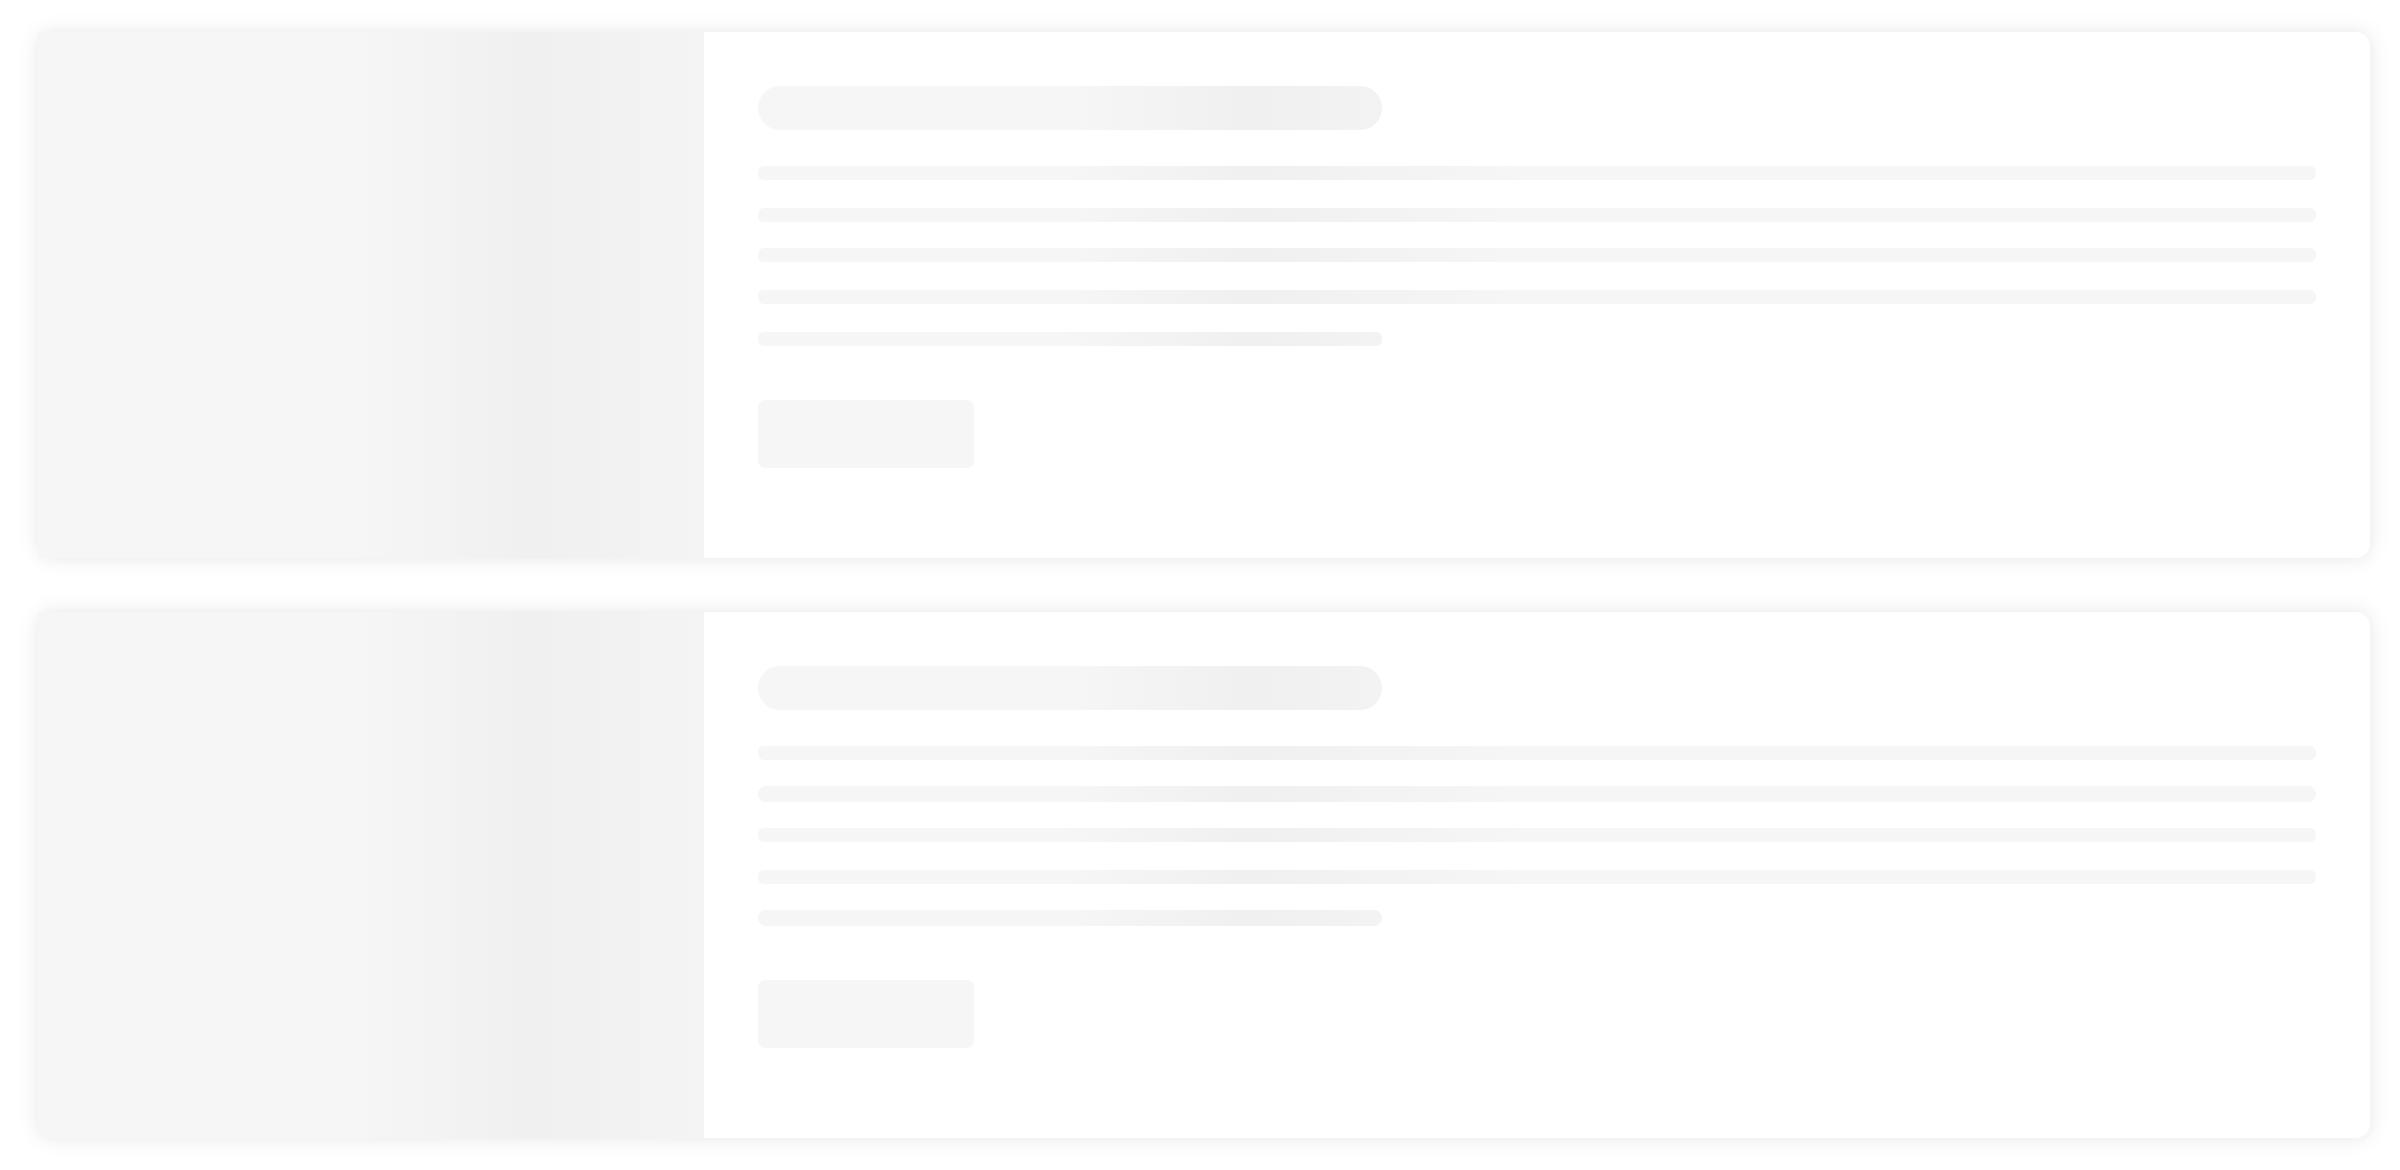 content-block